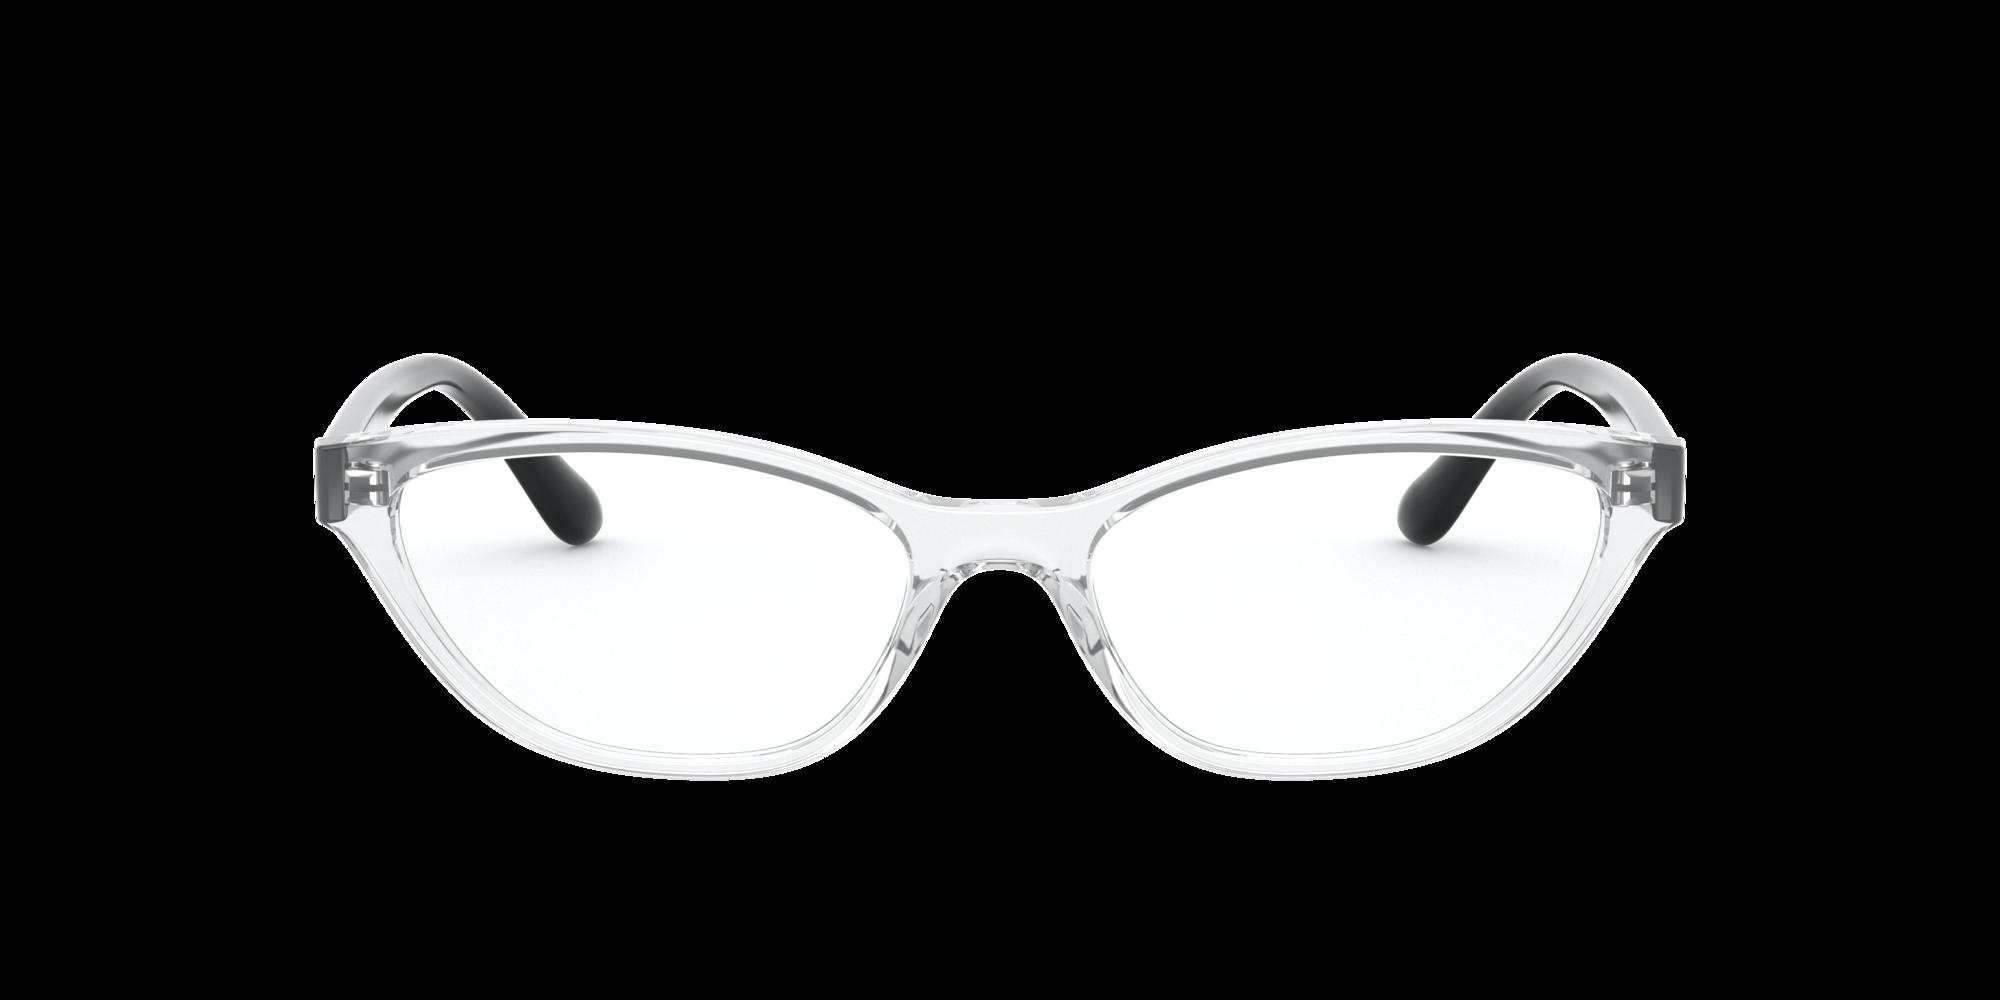 Imagen para VO5309 de LensCrafters |  Espejuelos, espejuelos graduados en línea, gafas